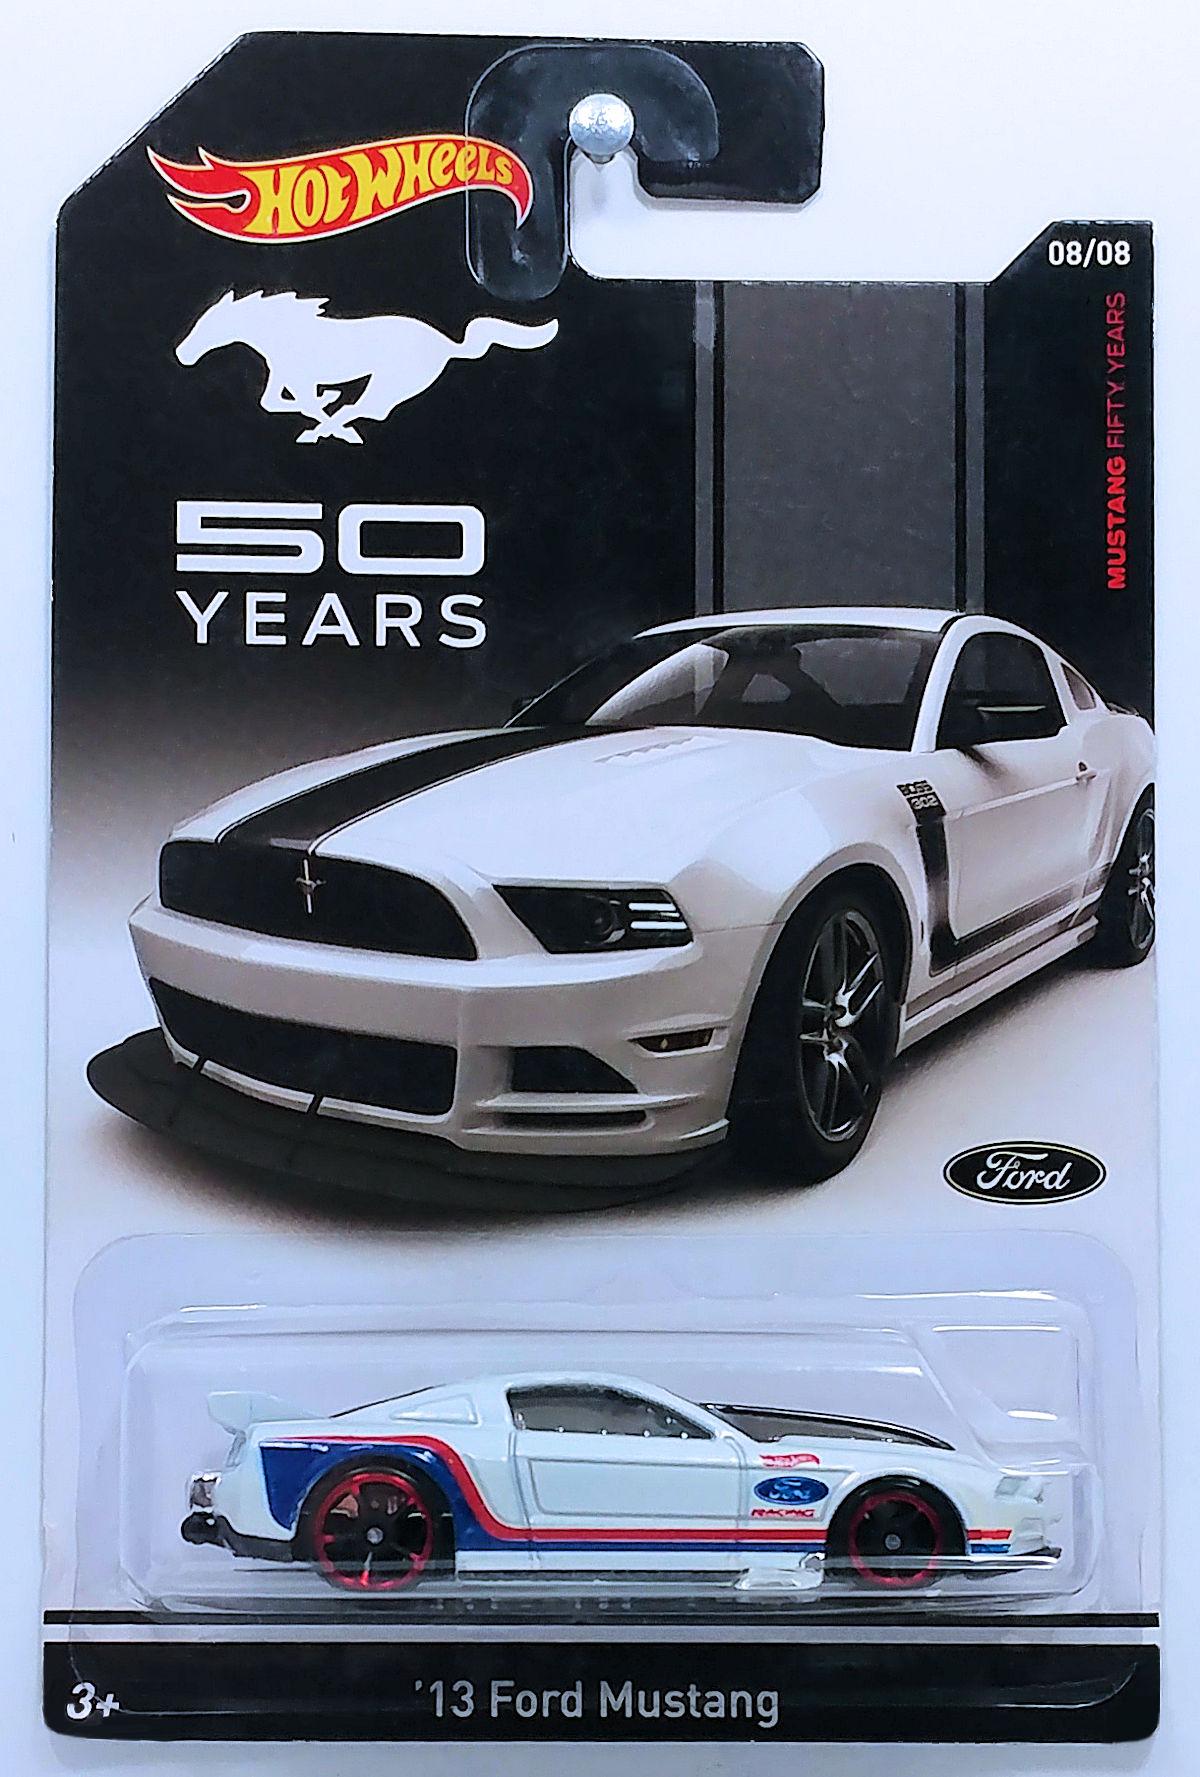 2013 Ford Mustang Model Cars Hobbydb